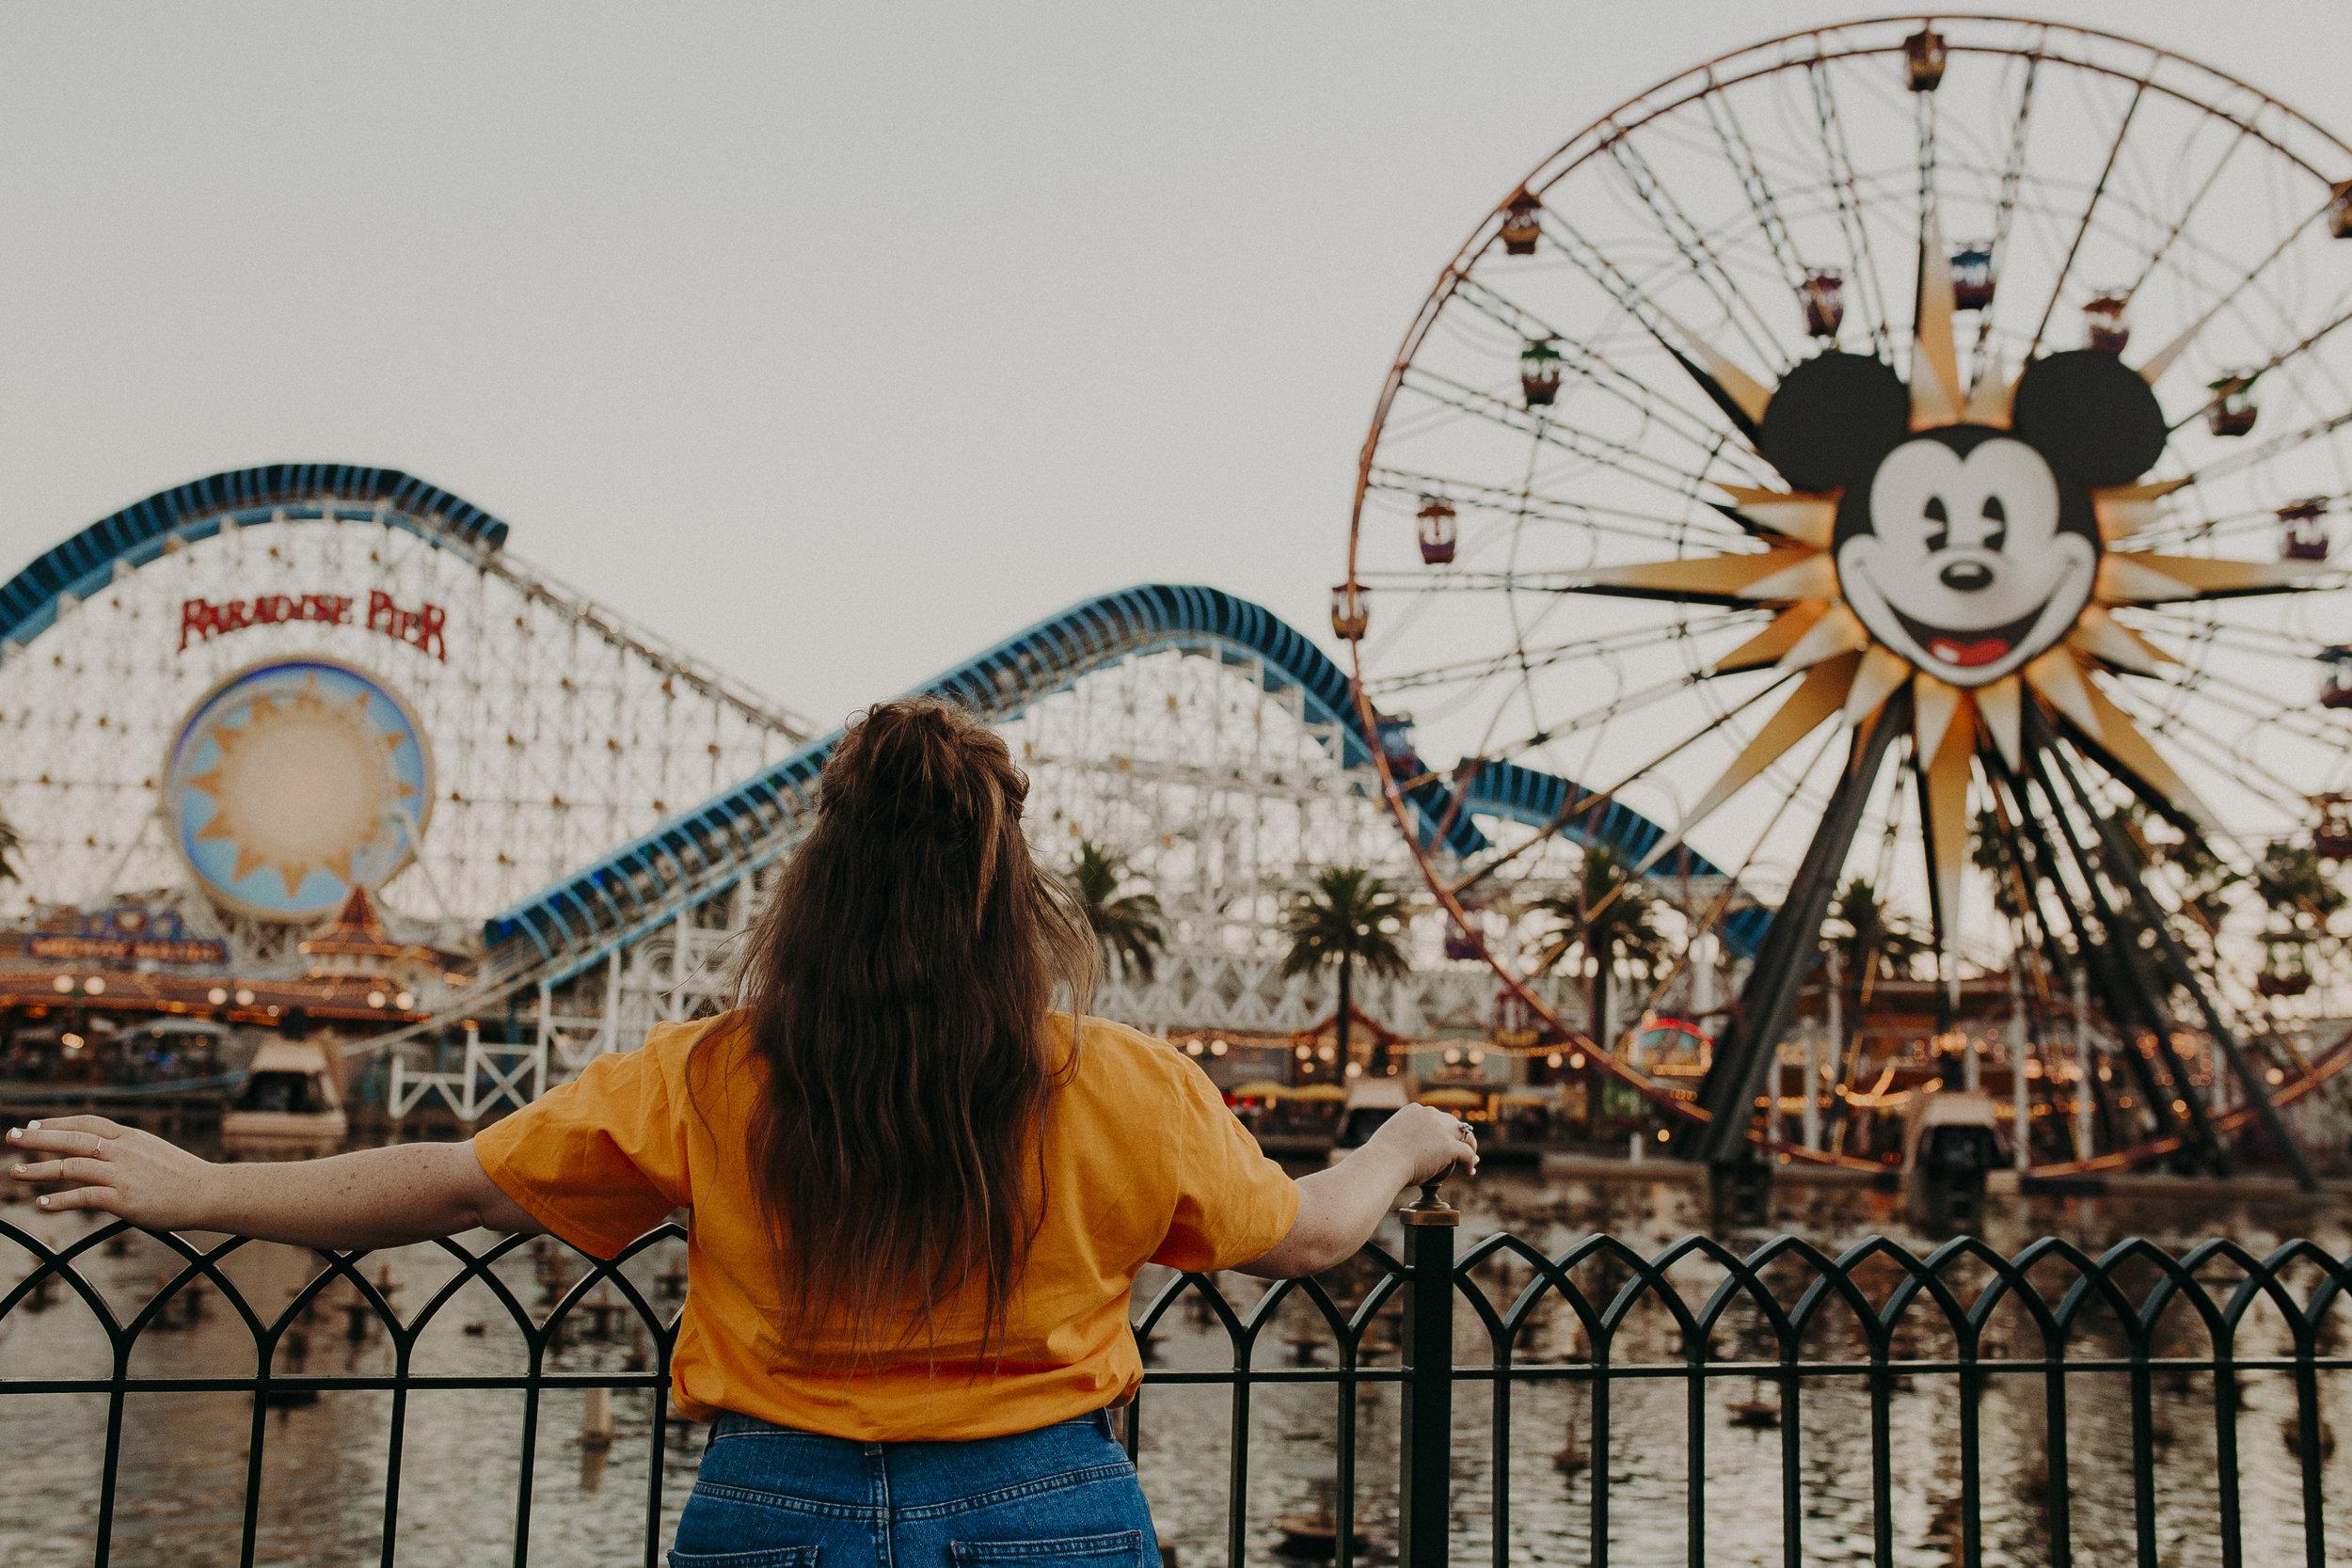 Disneys-California-Adventure-Pictures-17.jpg